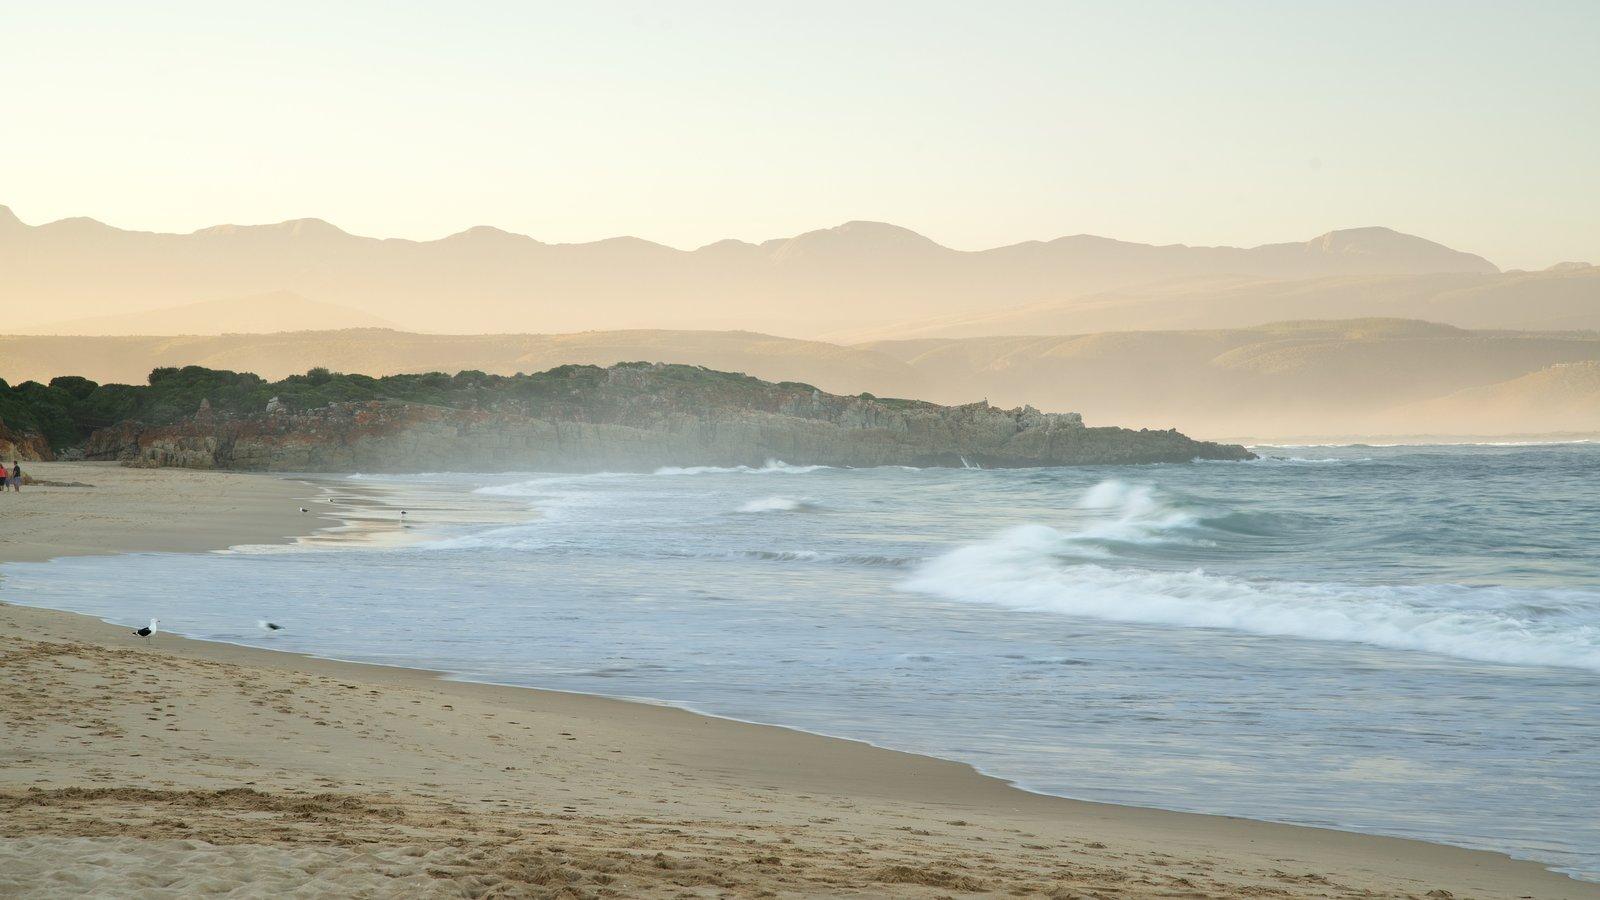 Praia da Baía Plettenberg mostrando uma praia de areia e paisagem